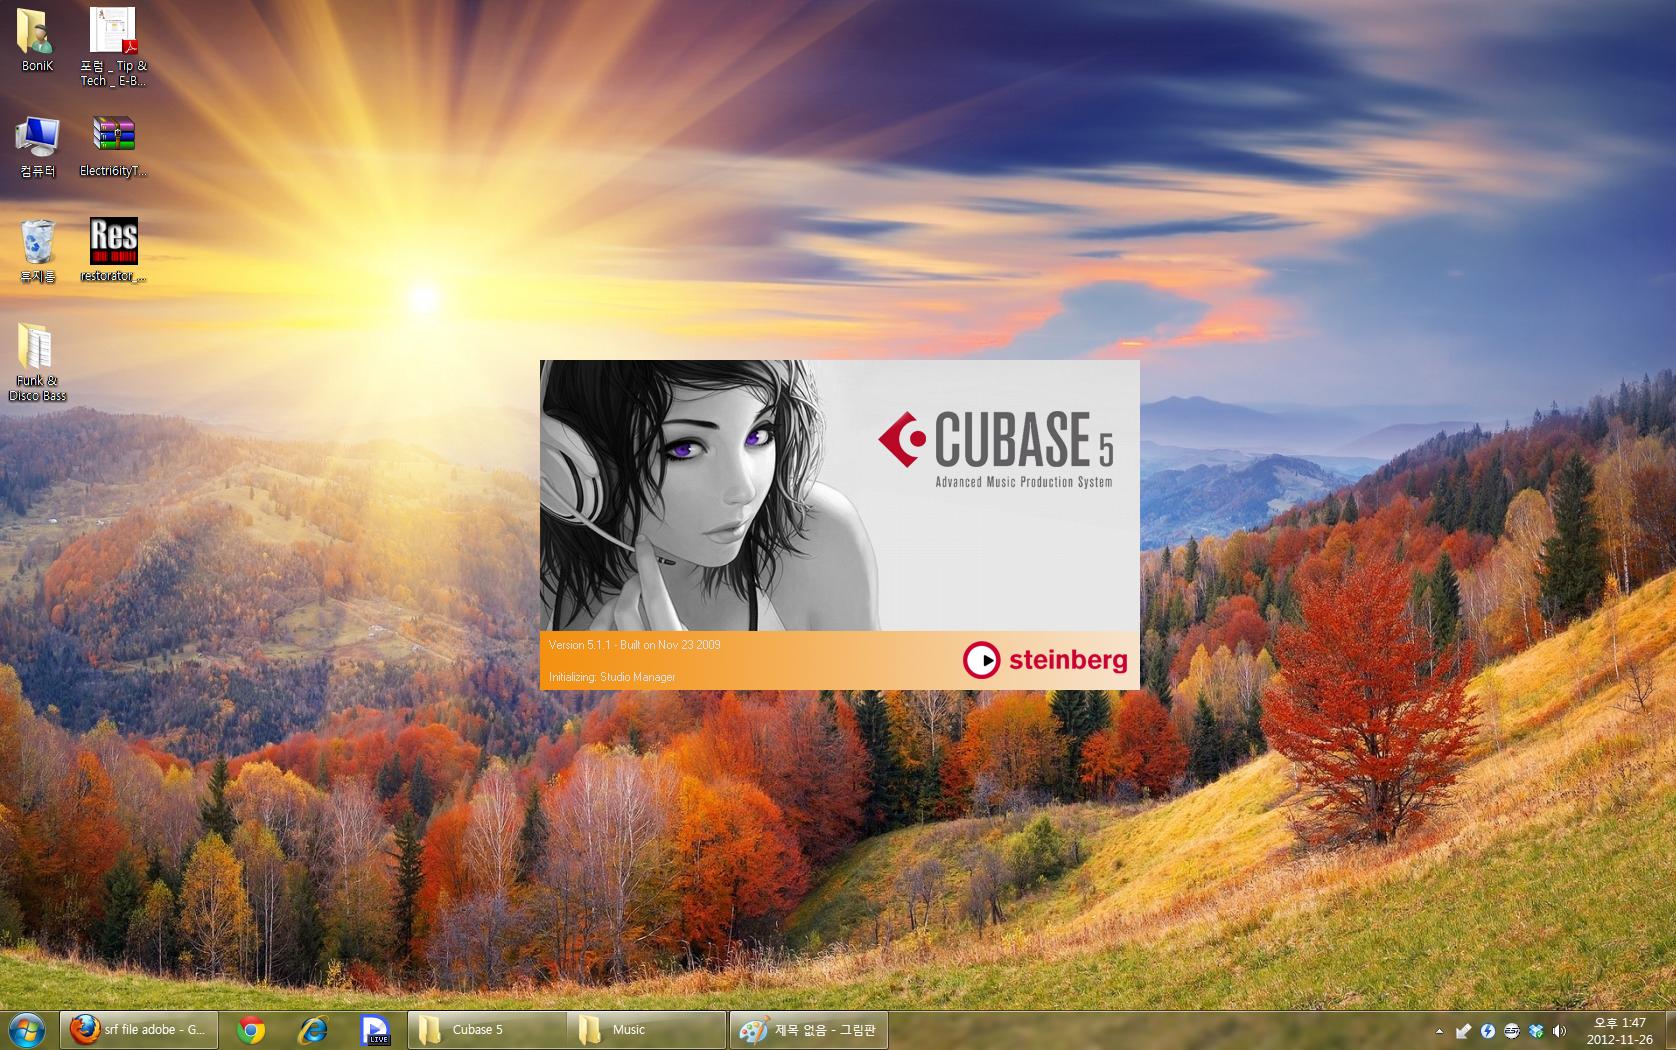 cubase5mod.png